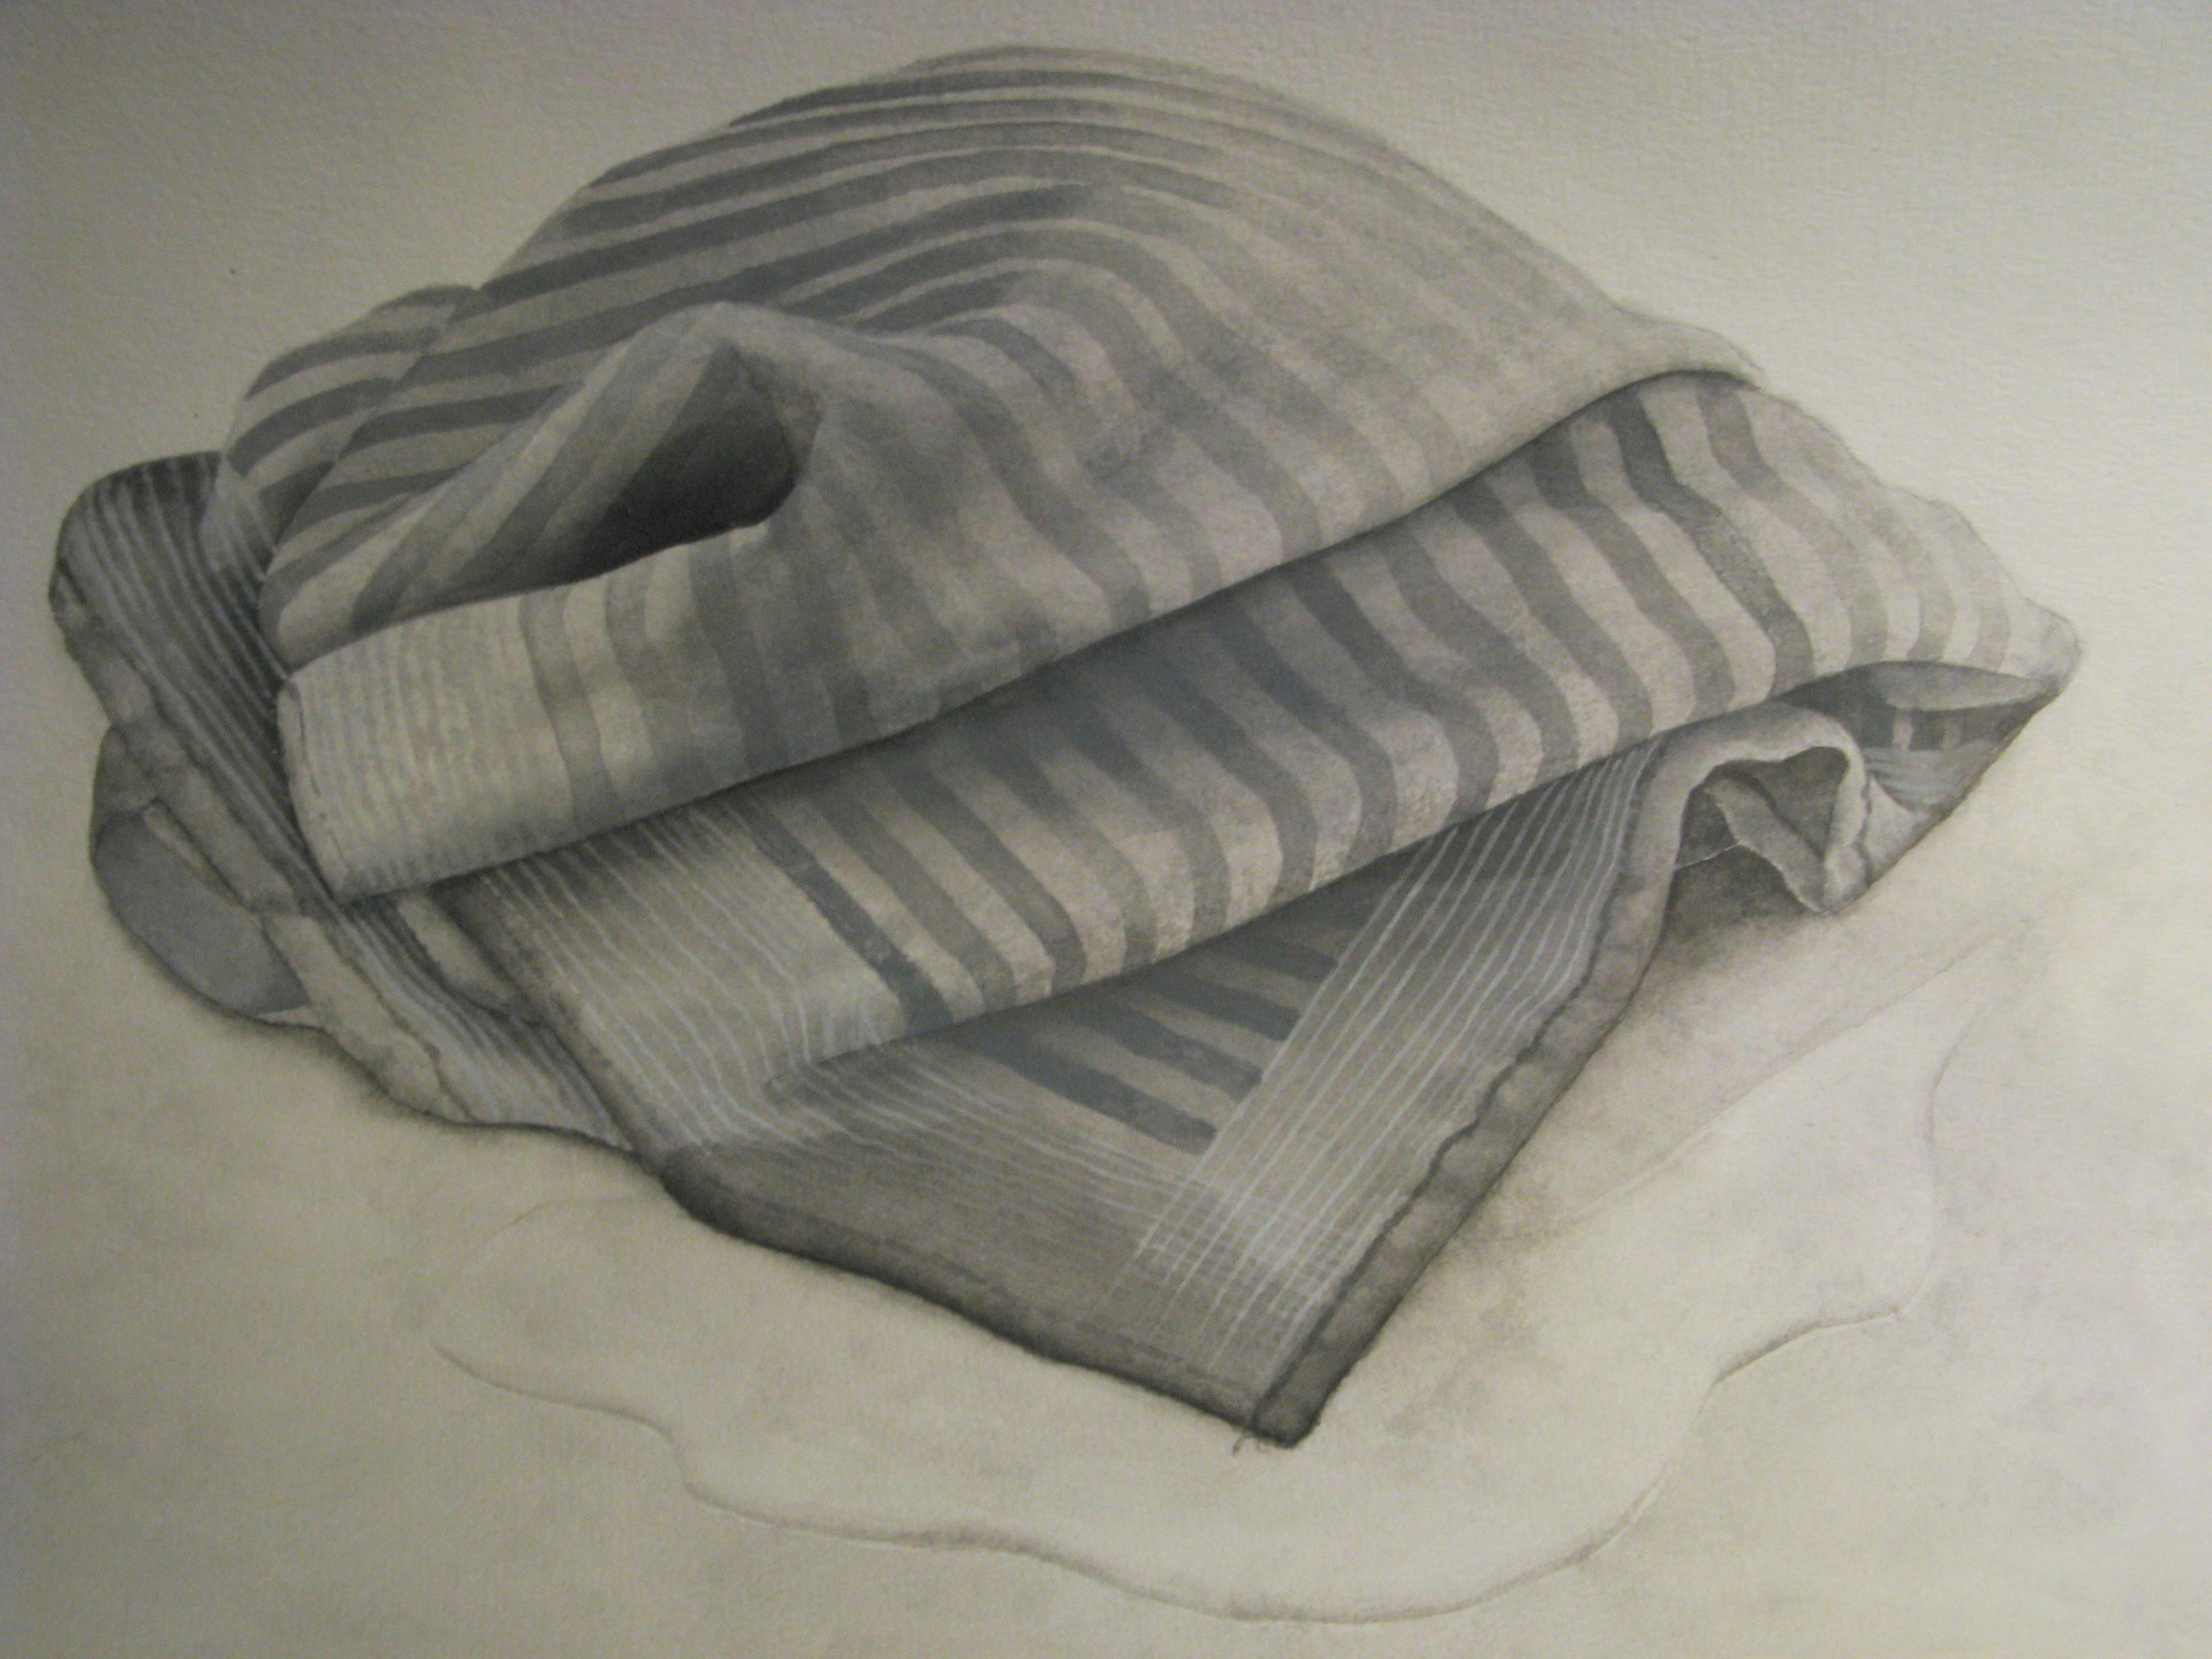 Handtuch by Fra-Ka